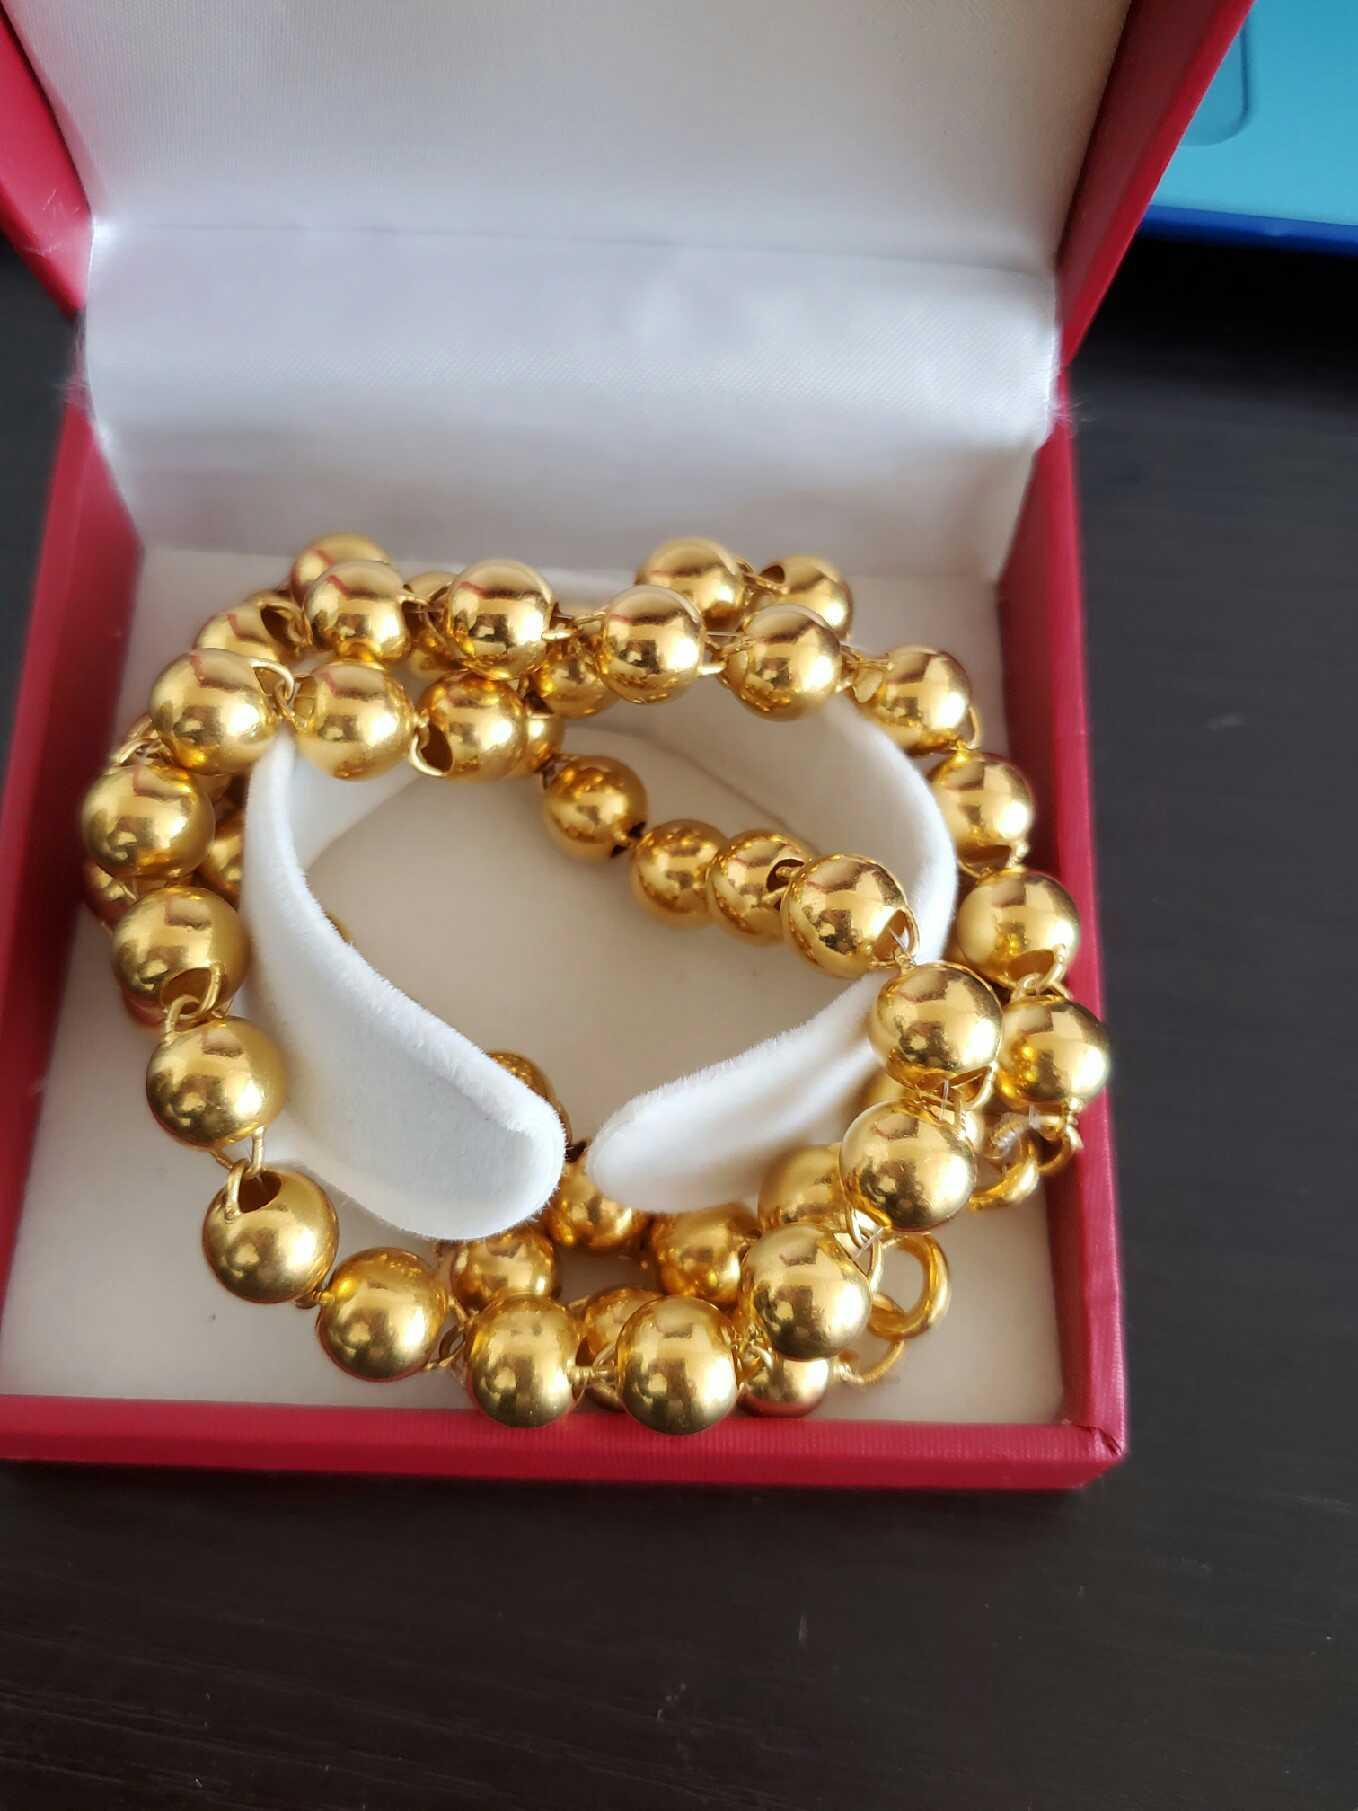 宝坻区回收黄金,宝坻区回收黄金价格,宝坻区回收二手黄金首饰